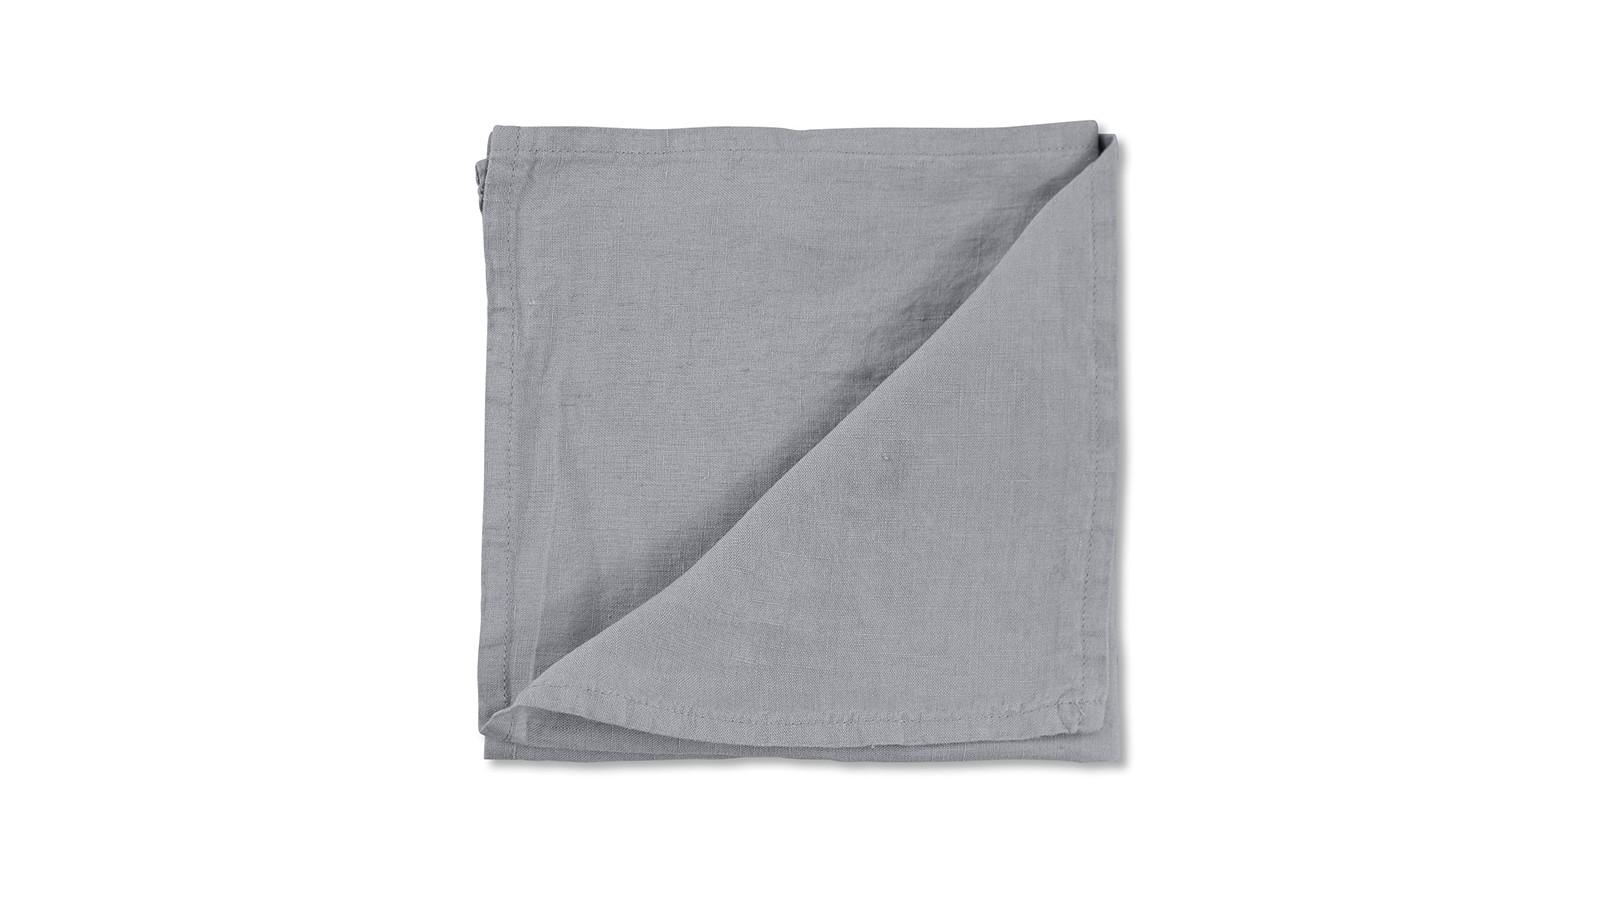 Serviette de table en lin lavé uni Gris Ciment